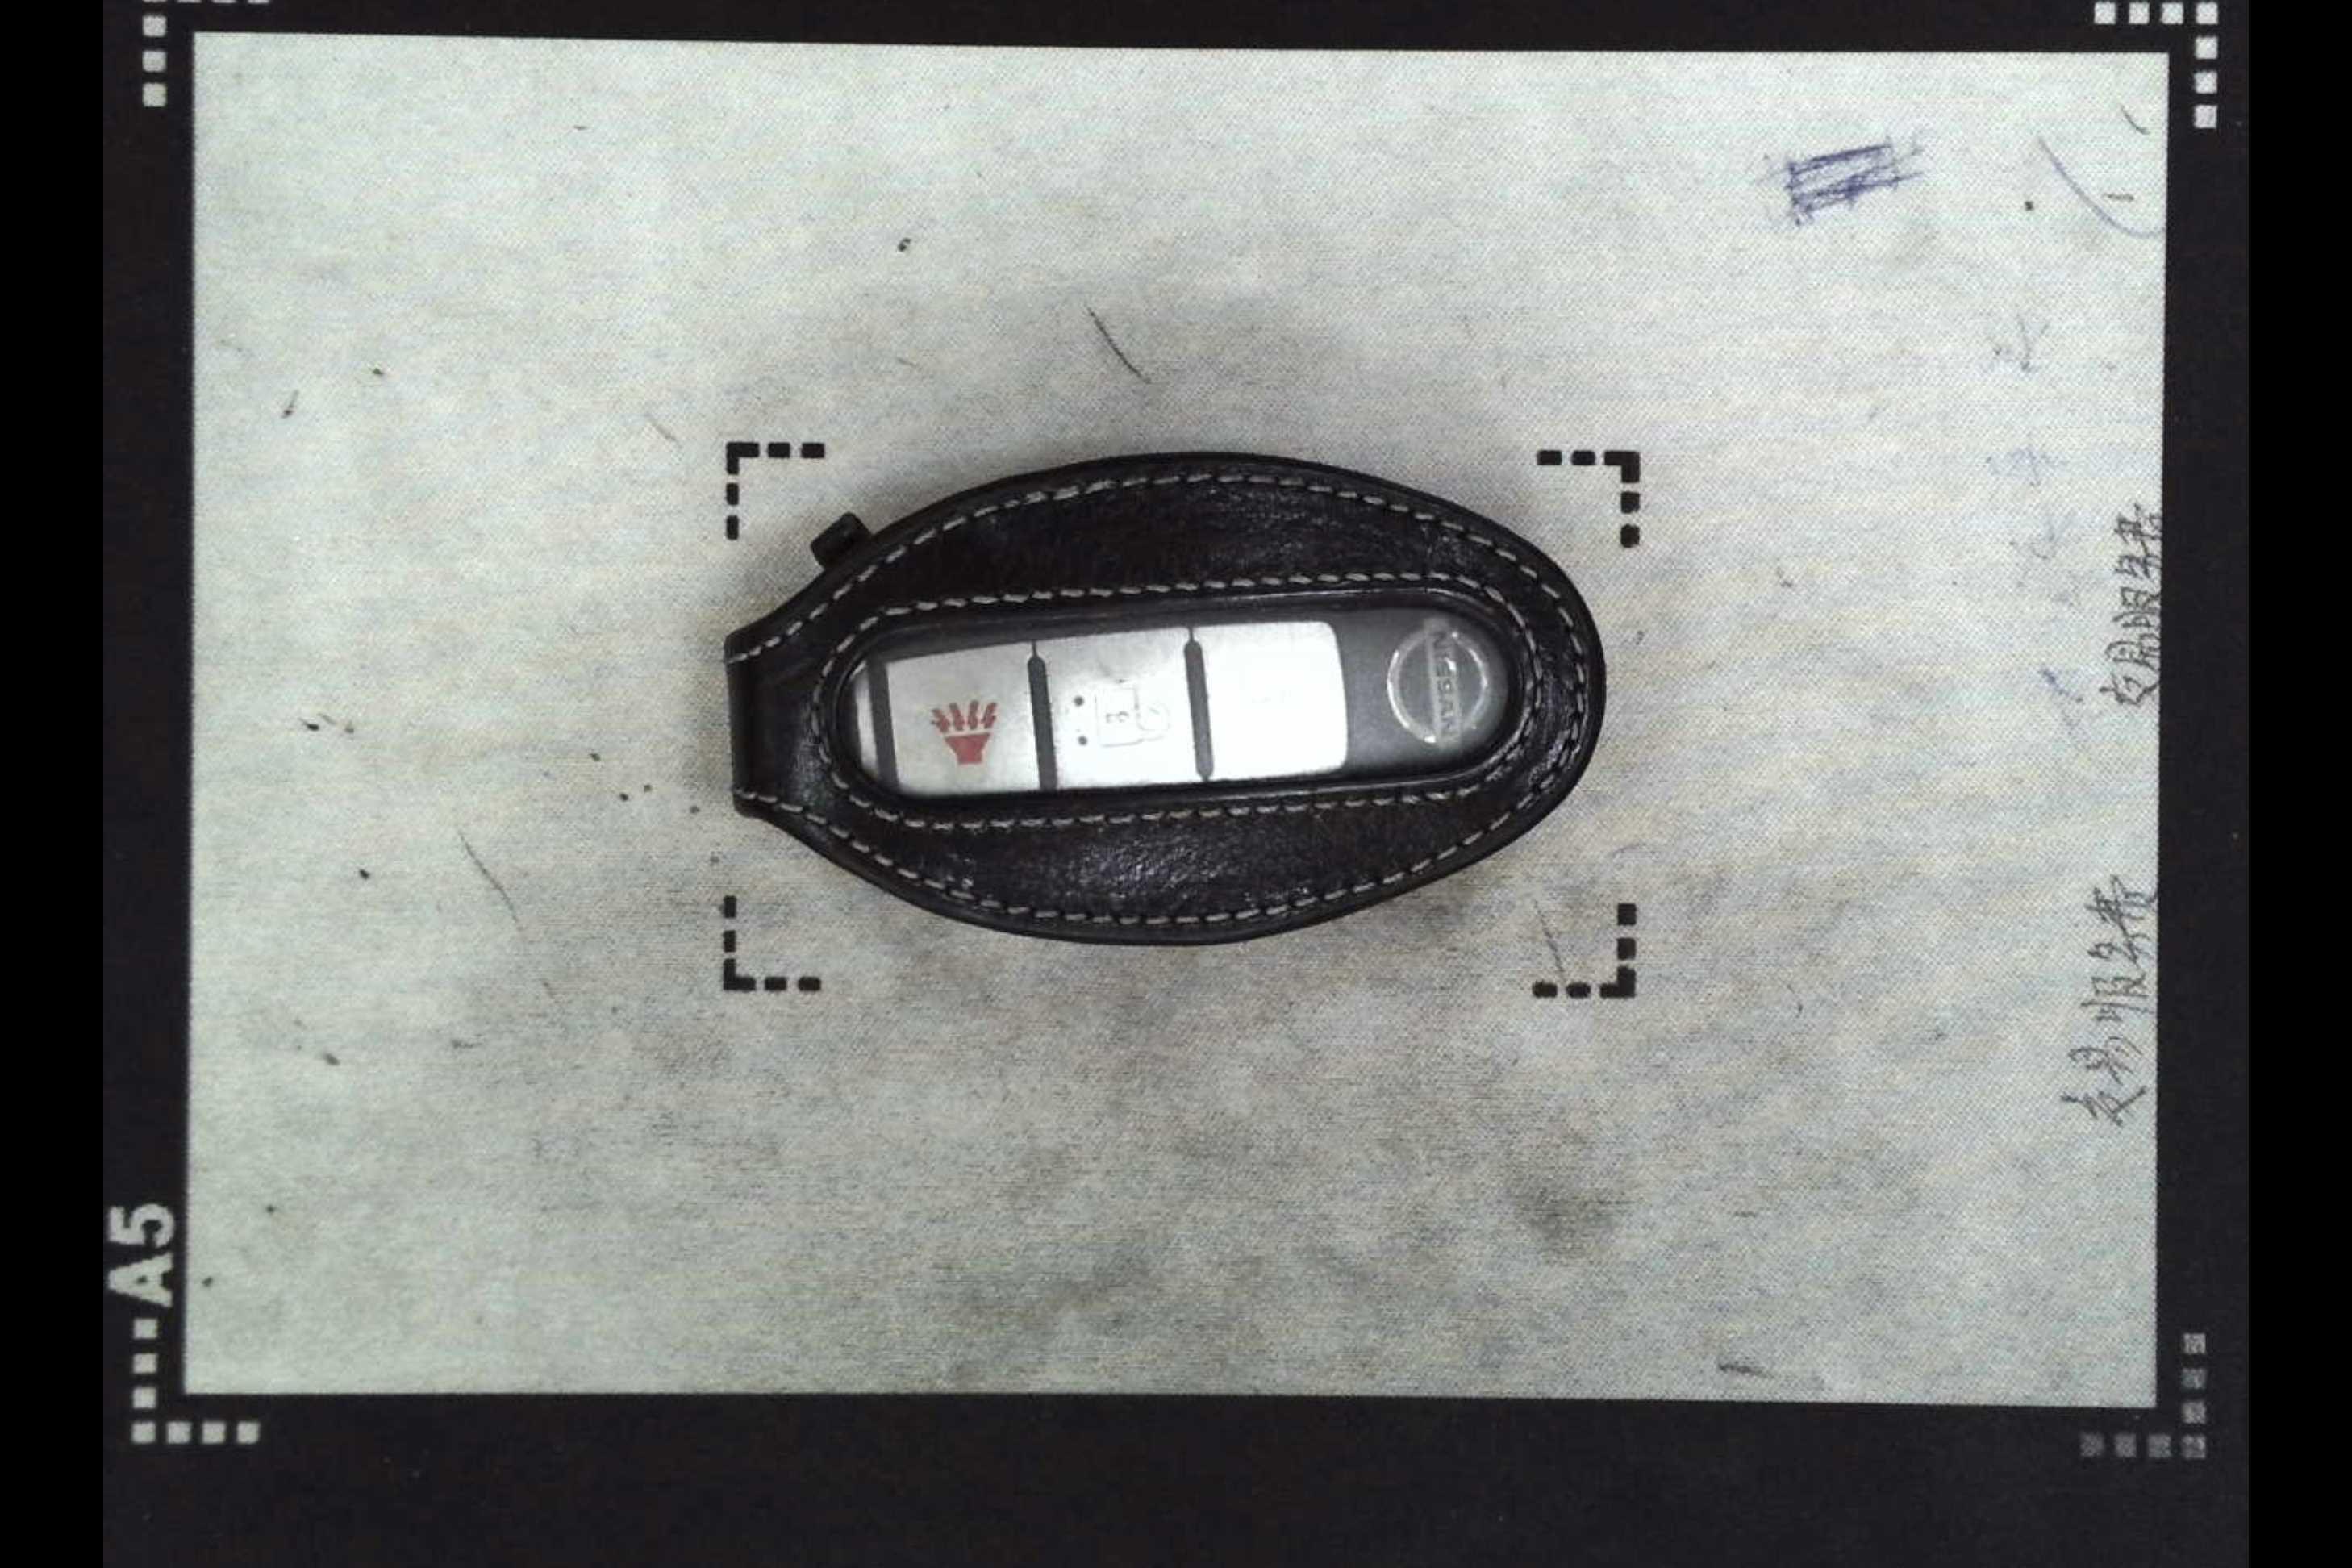 【广州】日产 逍客 2012款 2.0 自动 xl火前驱( 灰色 )